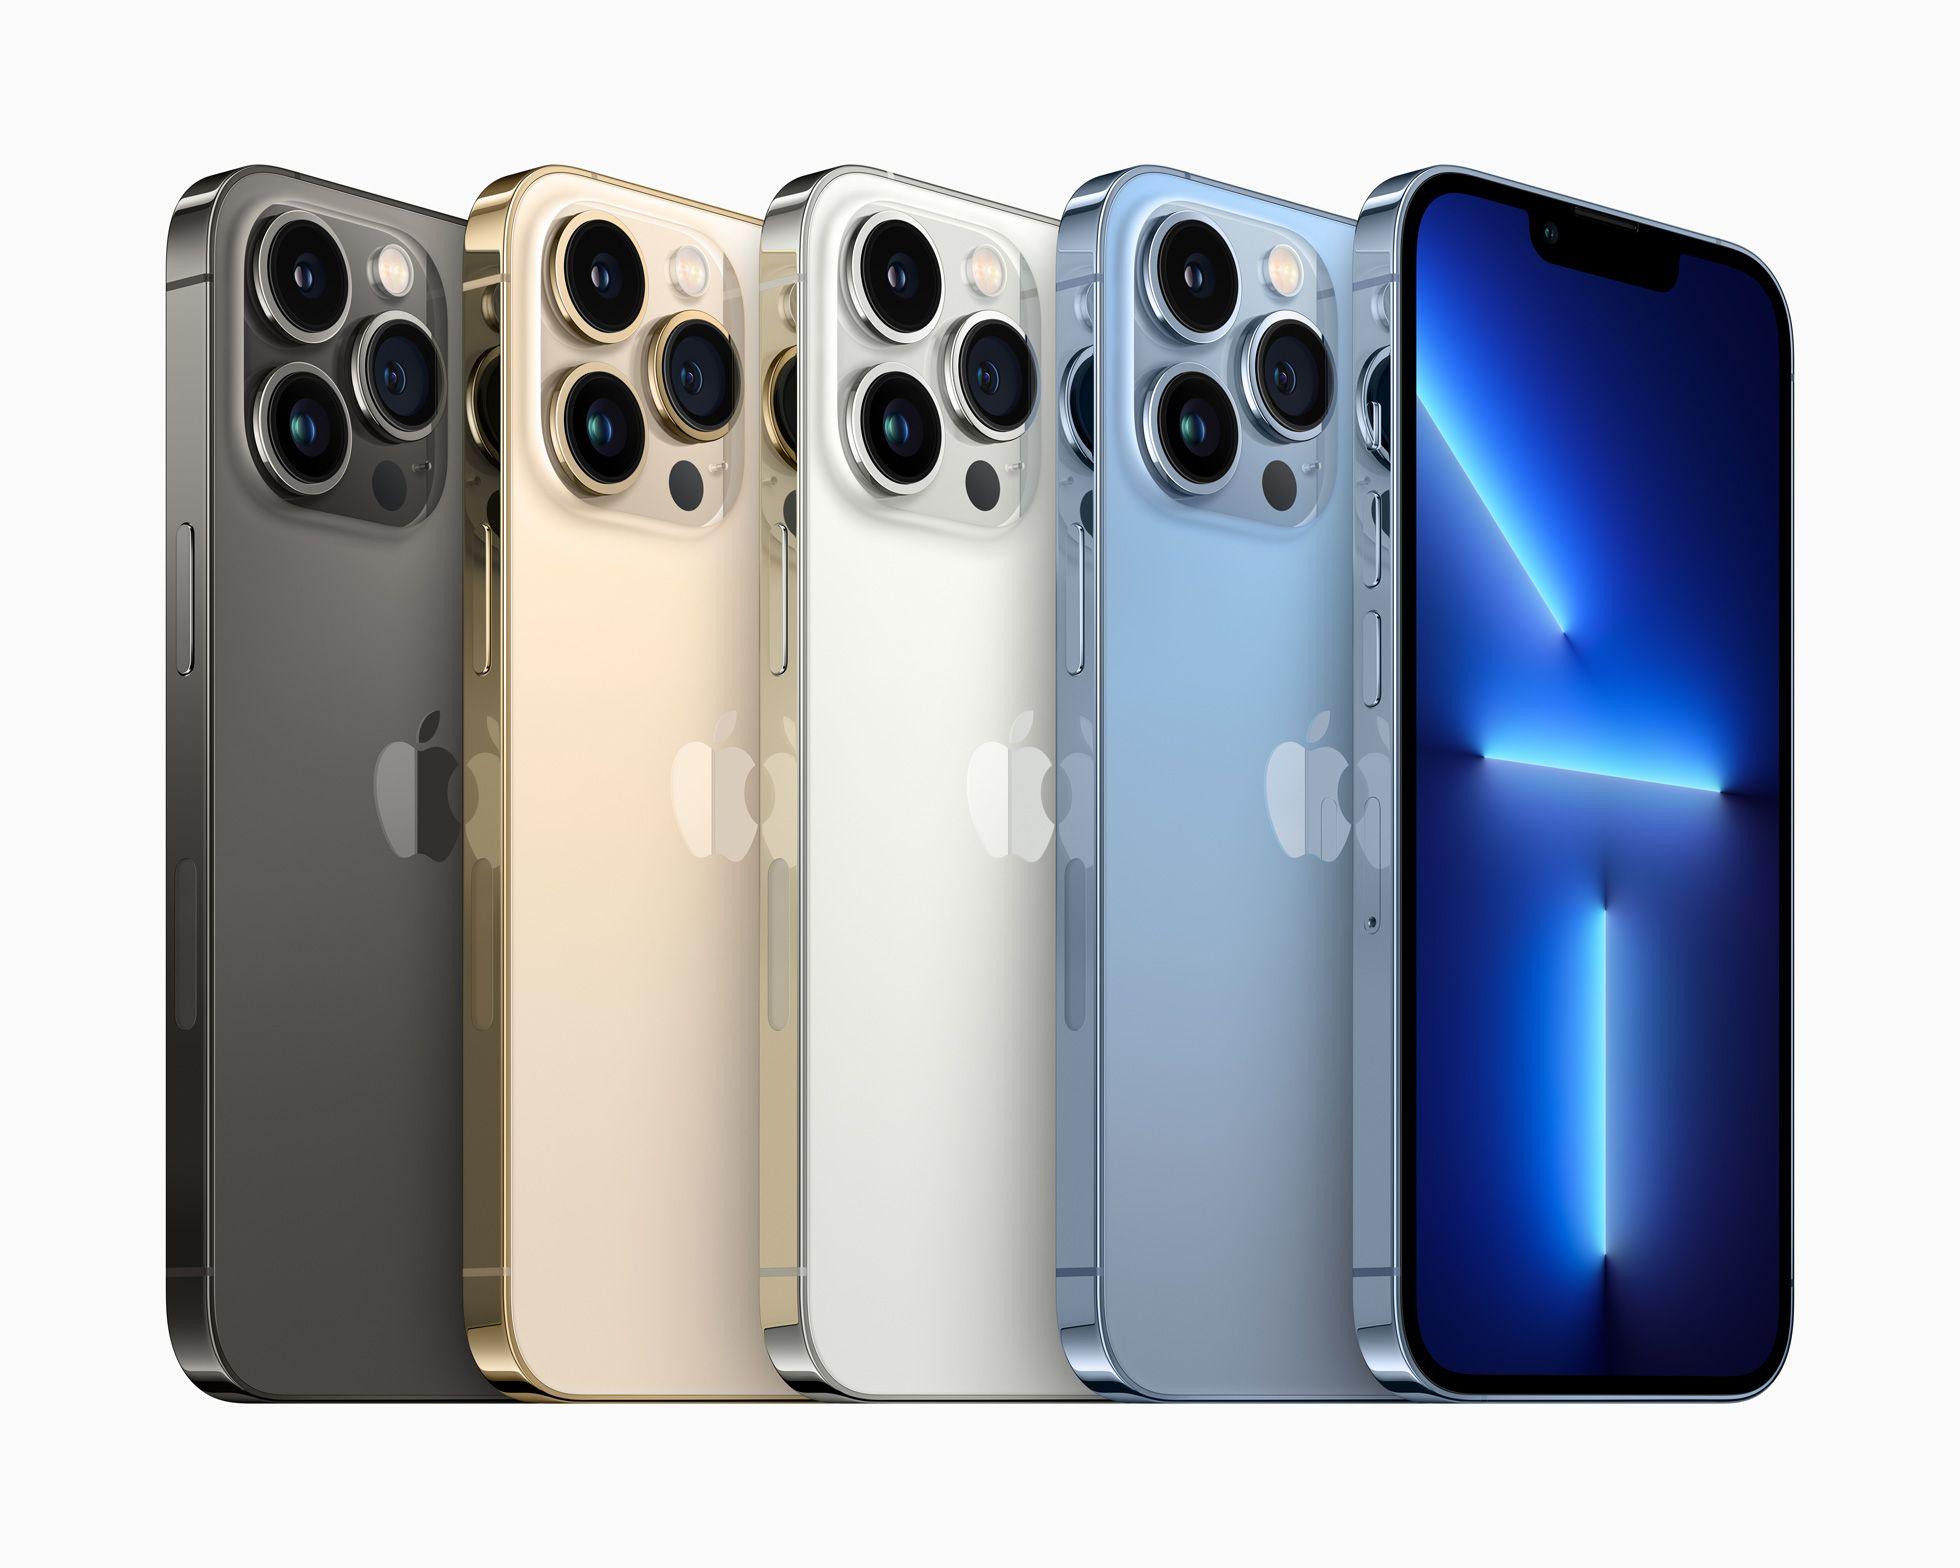 Conozca el nuevo iPhone 13: así son los cuatro nuevos modelos